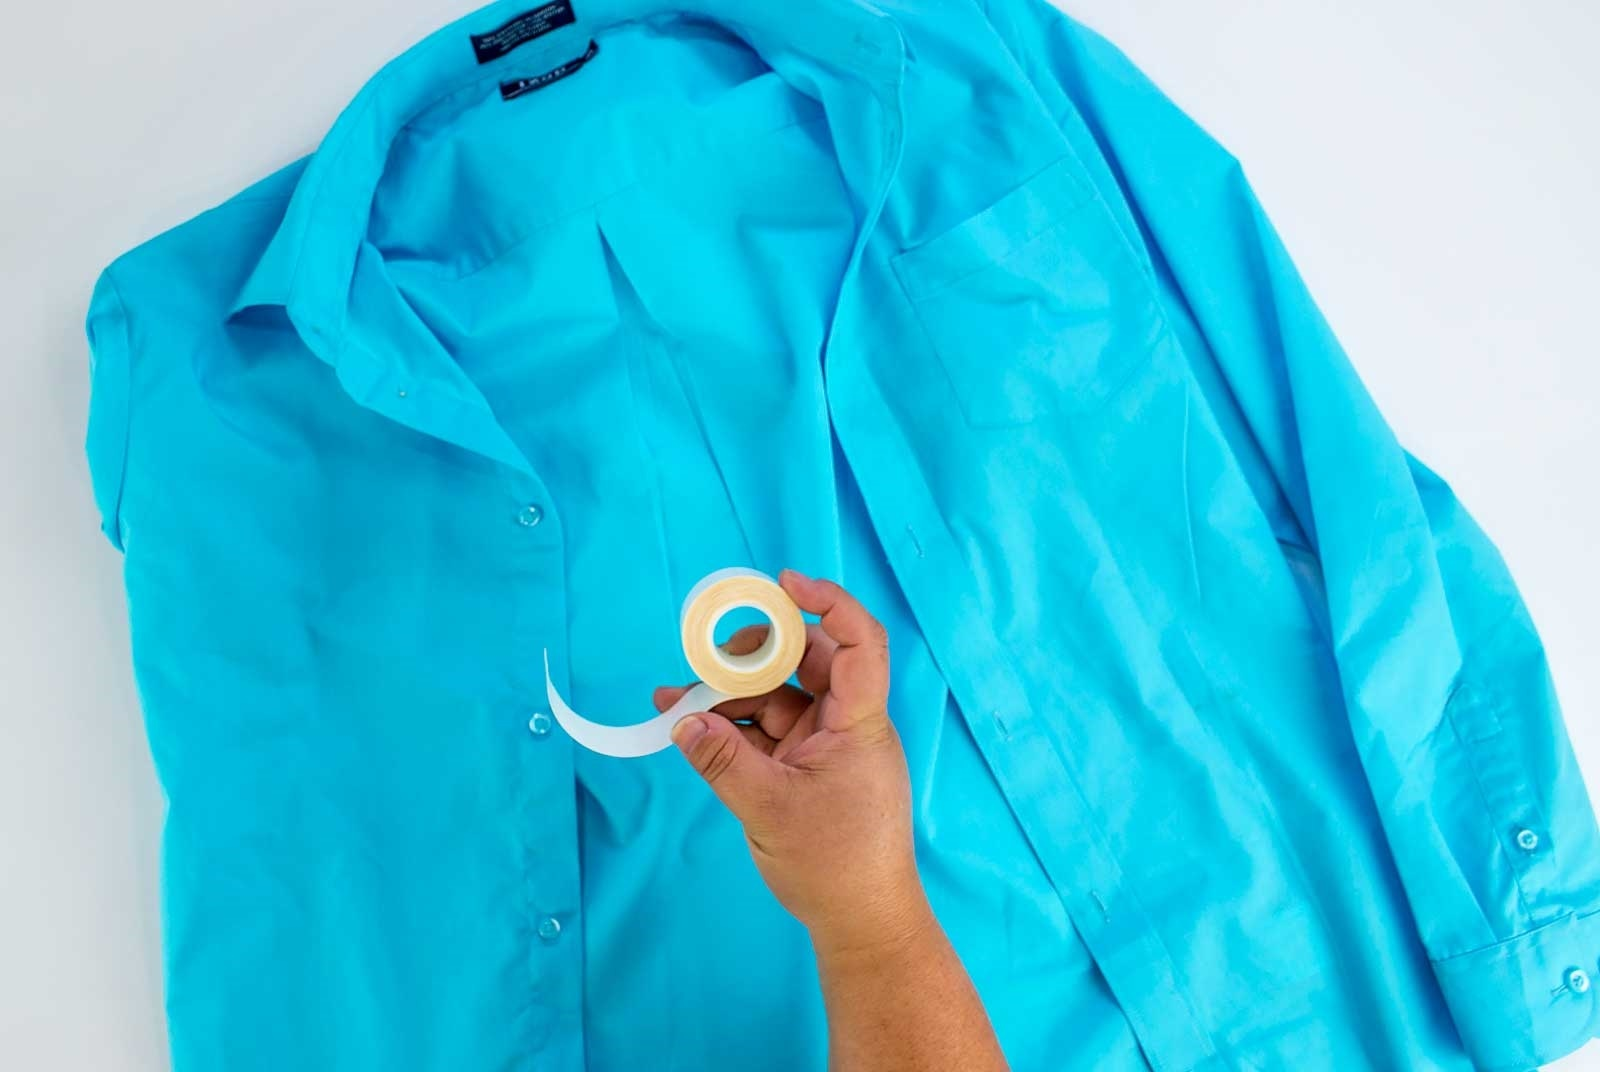 How to Fix a Shirt Gap Step 3